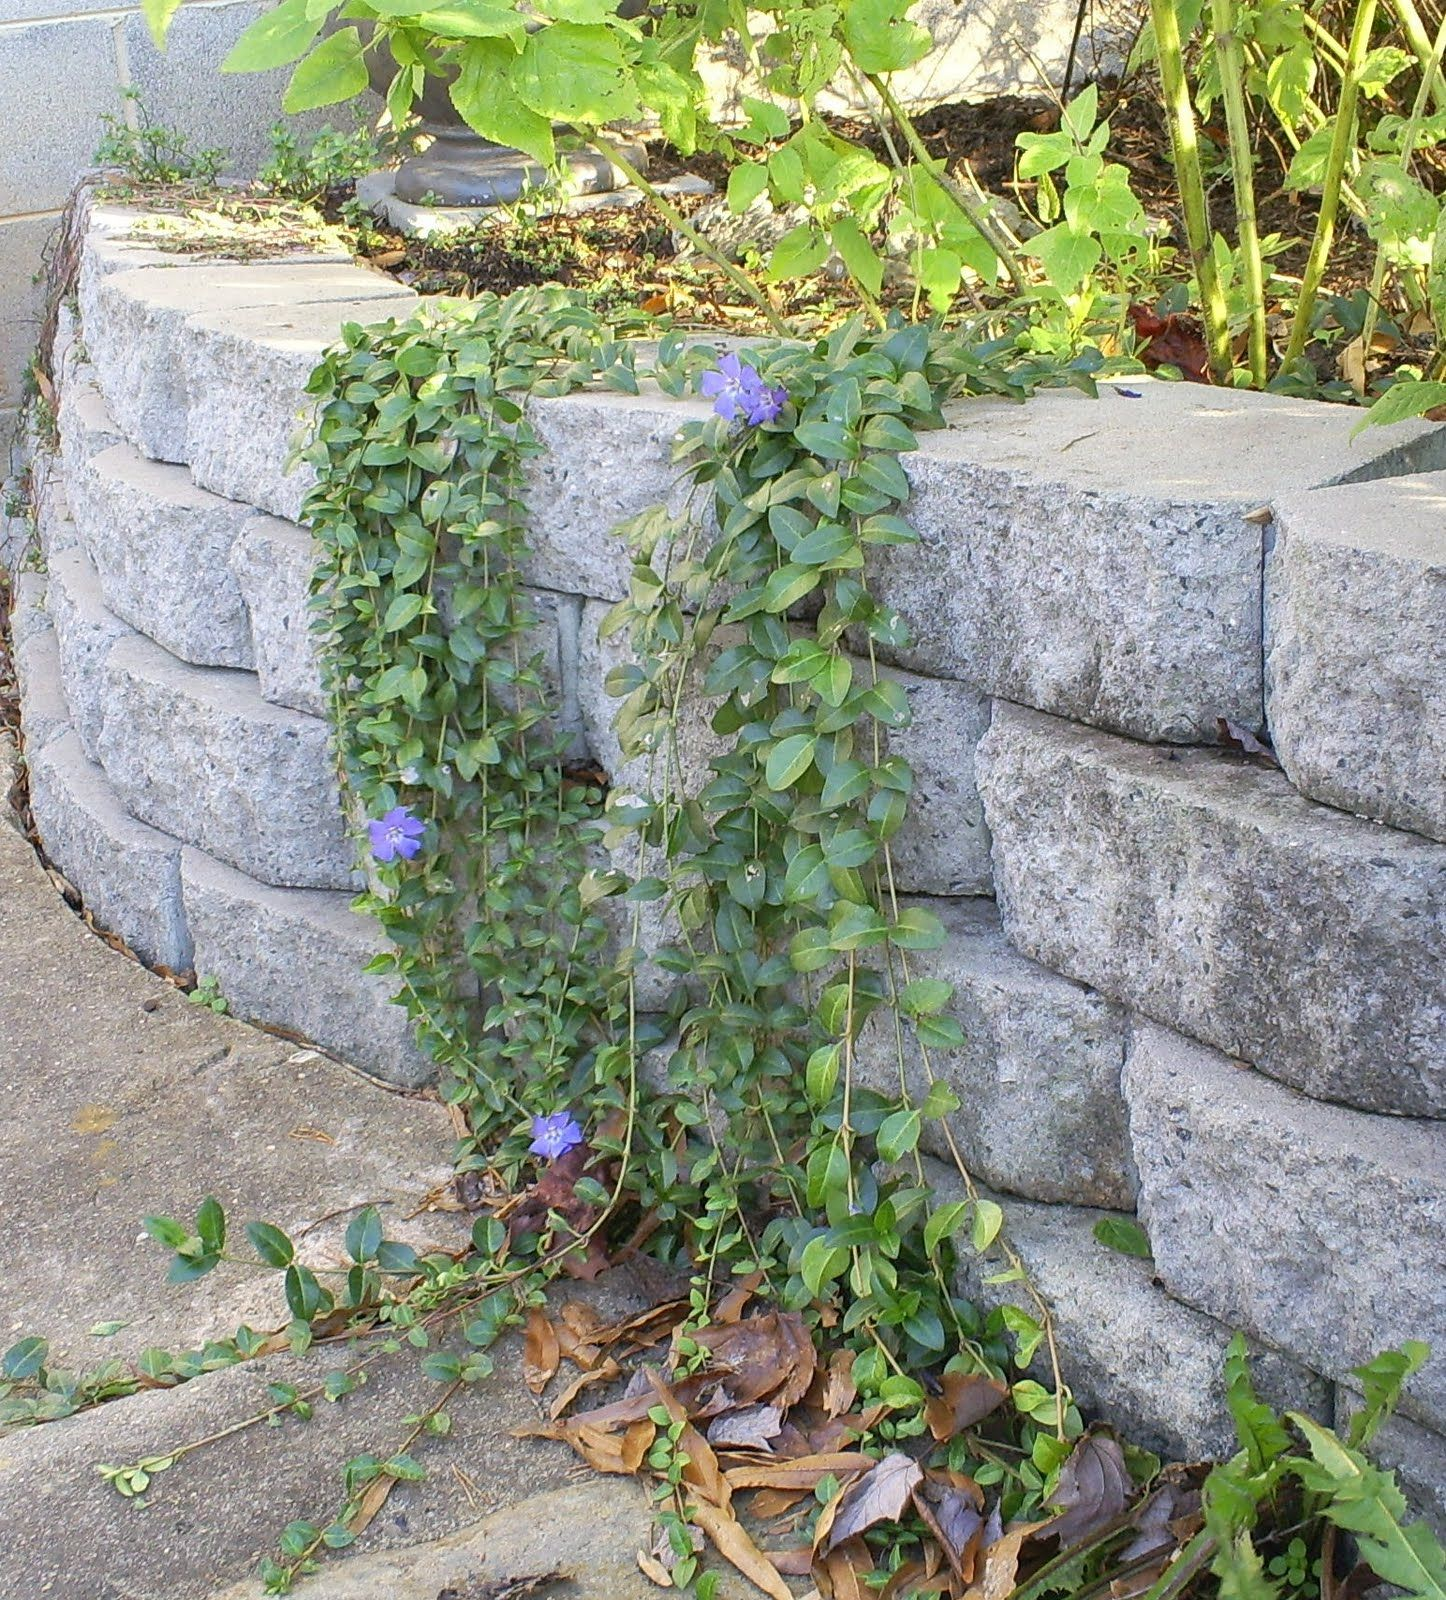 Vinca Vine Over Concrete Block Retaining Wall Concrete Retaining Walls Pinterest Garden Diy Garden